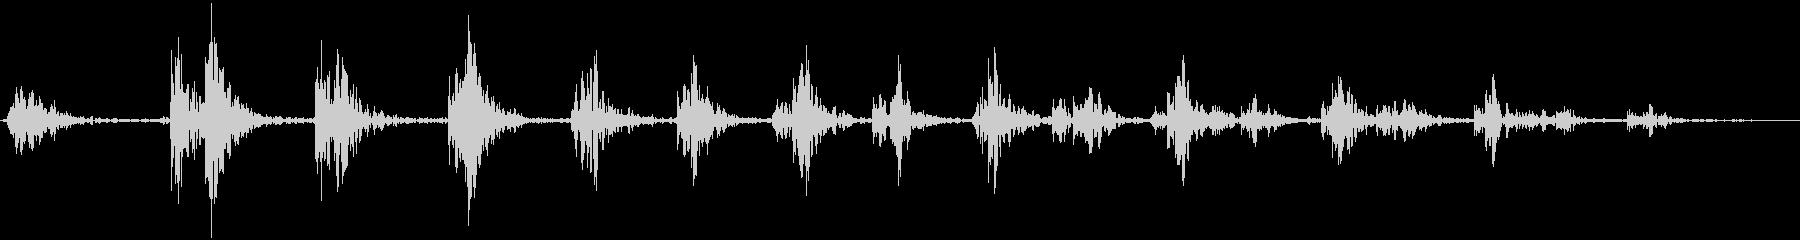 バットウィングドアスイングアンドラ...の未再生の波形